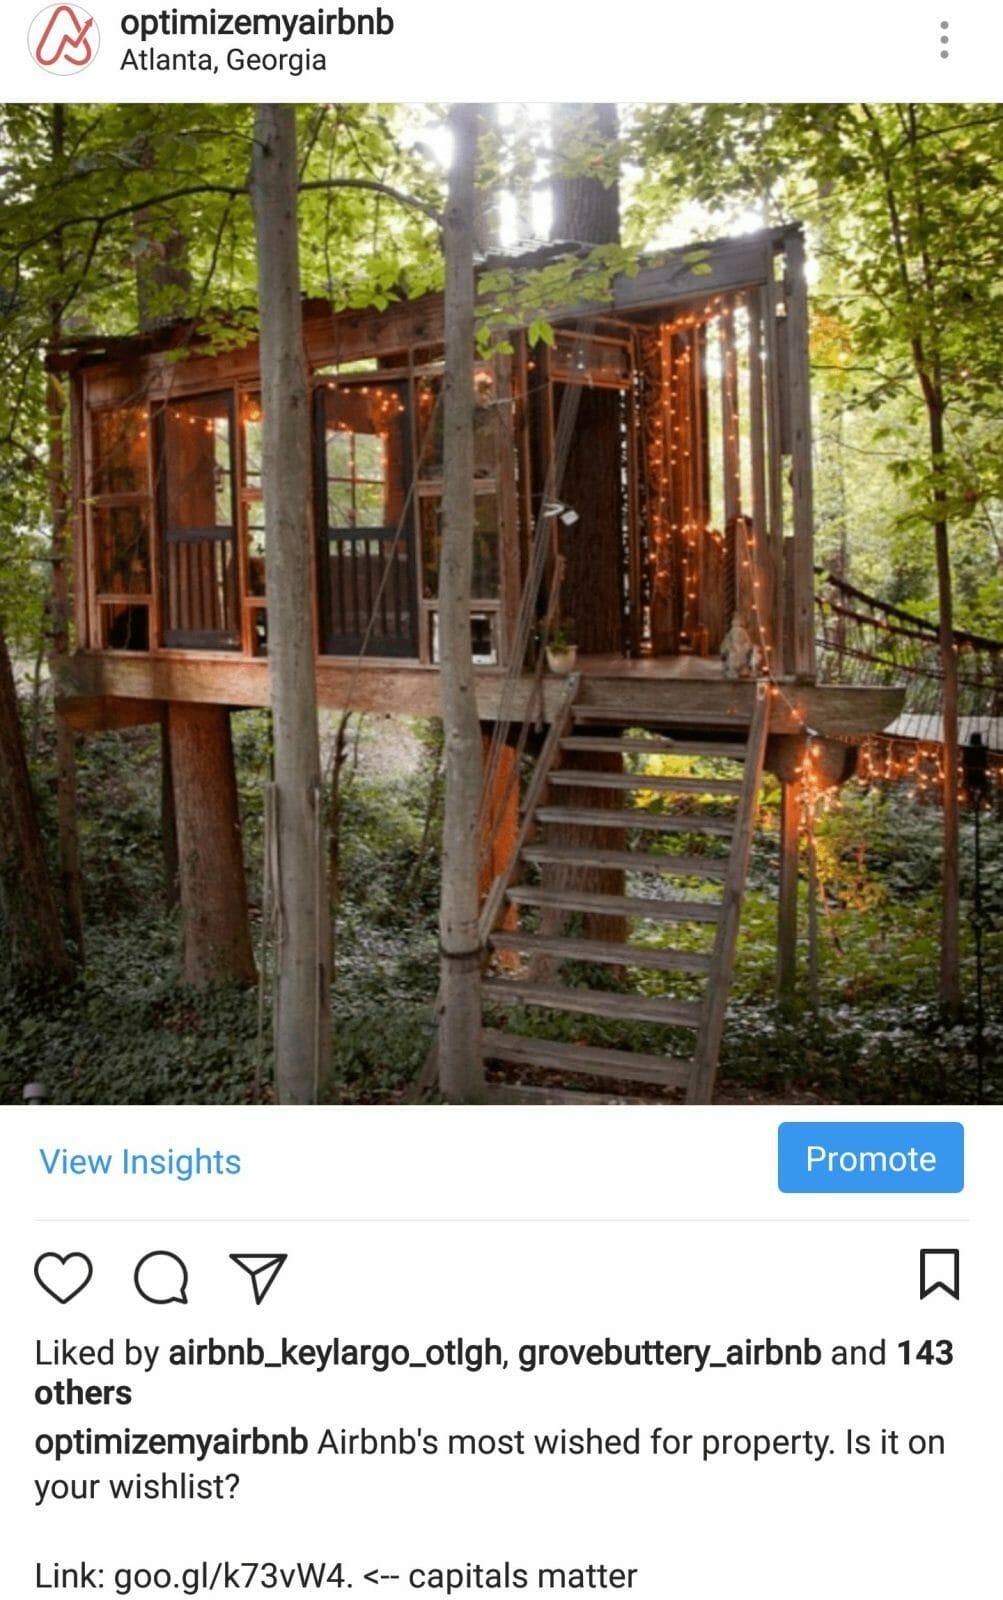 Airbnb in Atlanta, Georgia